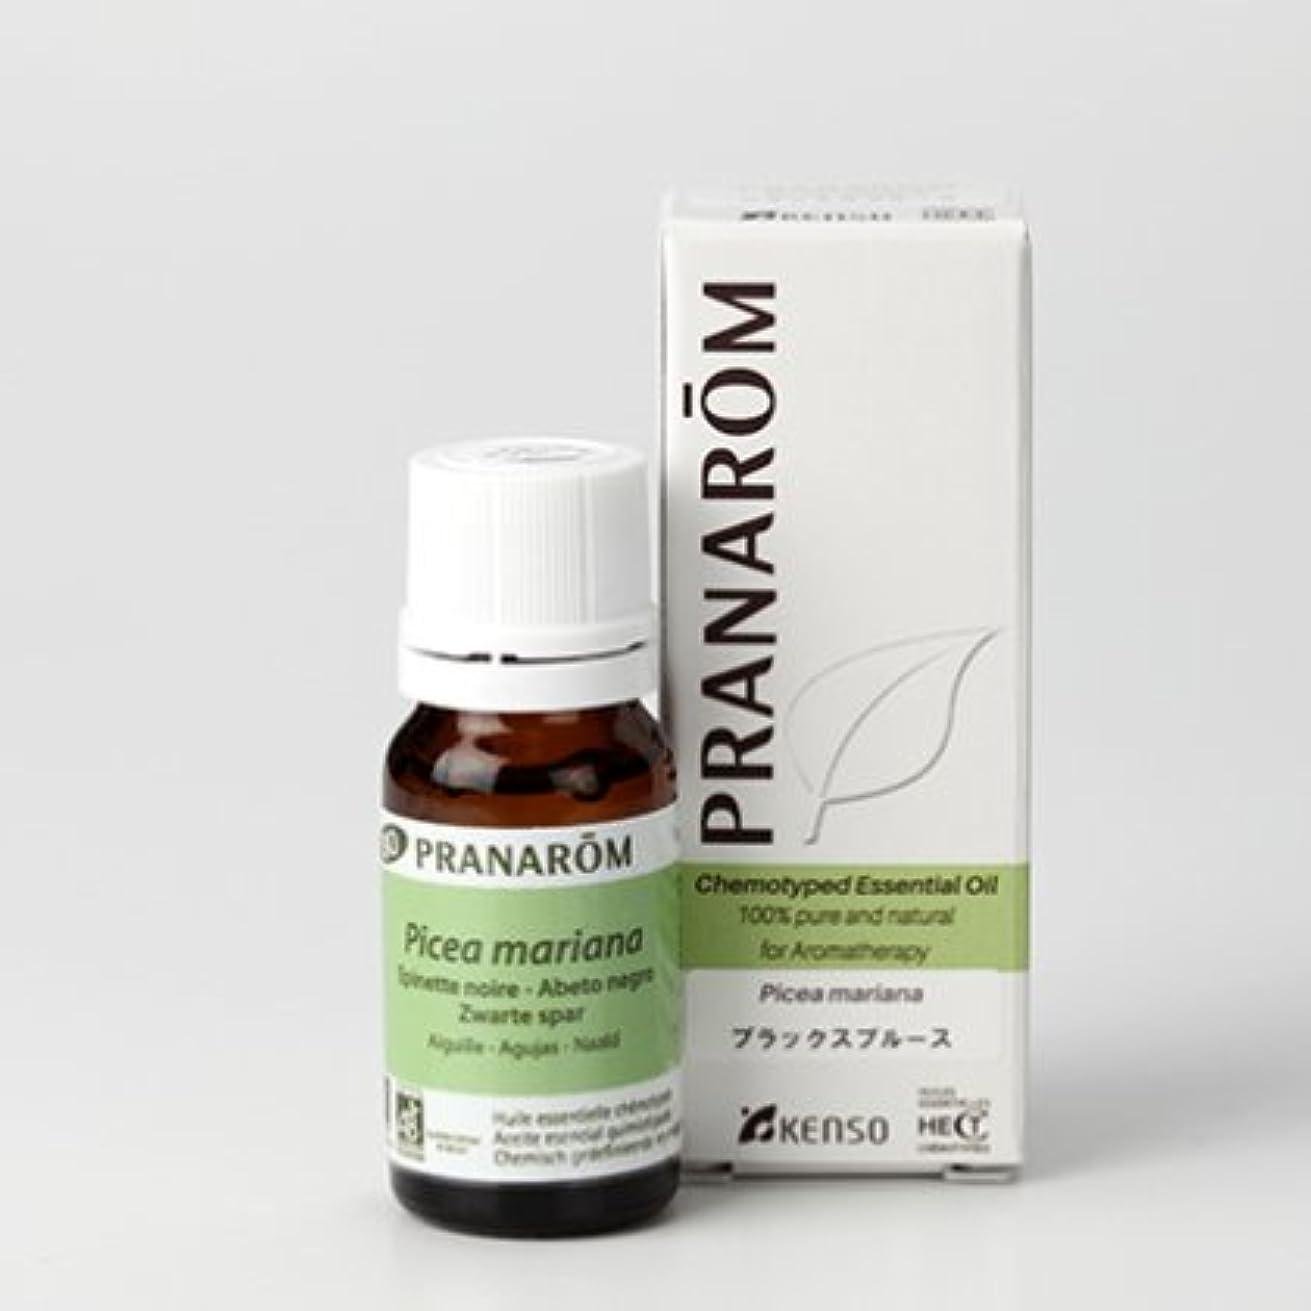 数学的なワーム鎮痛剤ブラックスプルース 10mlミドルノート プラナロム社エッセンシャルオイル(精油)